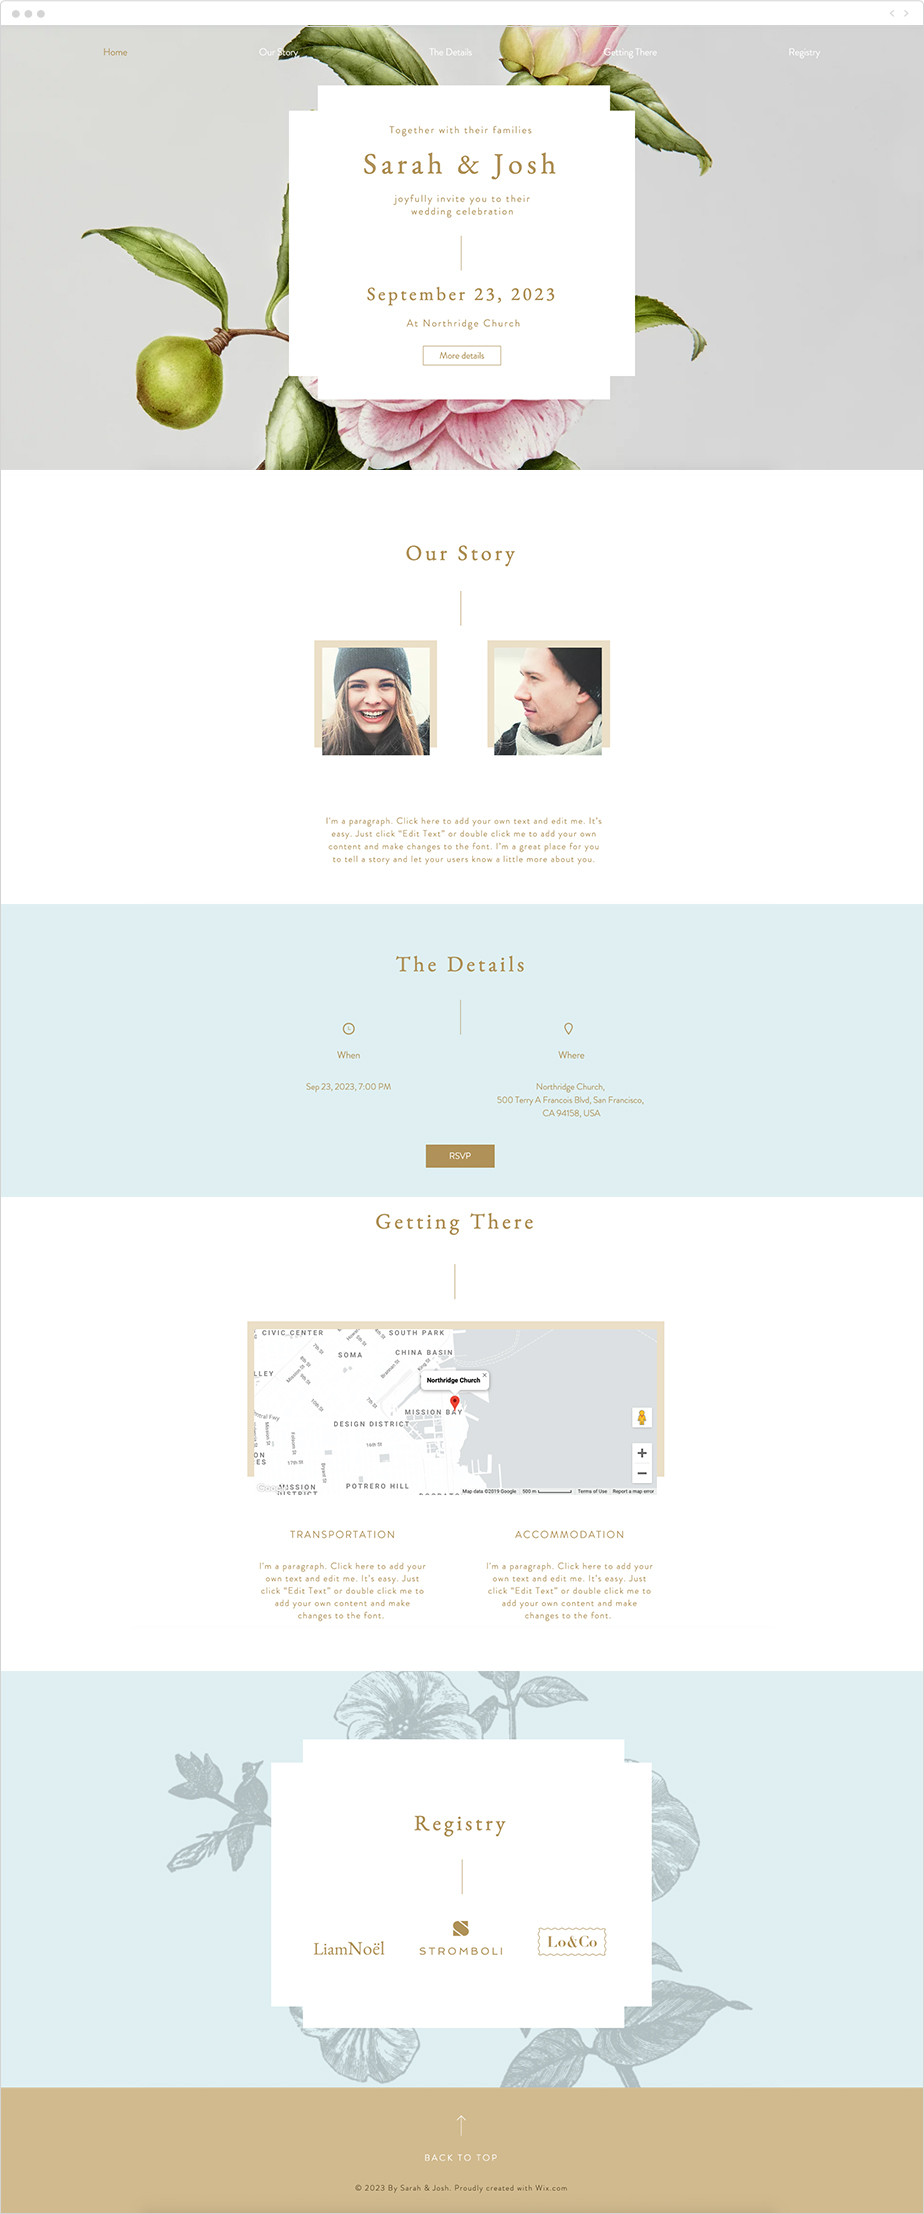 Site de mariage - template